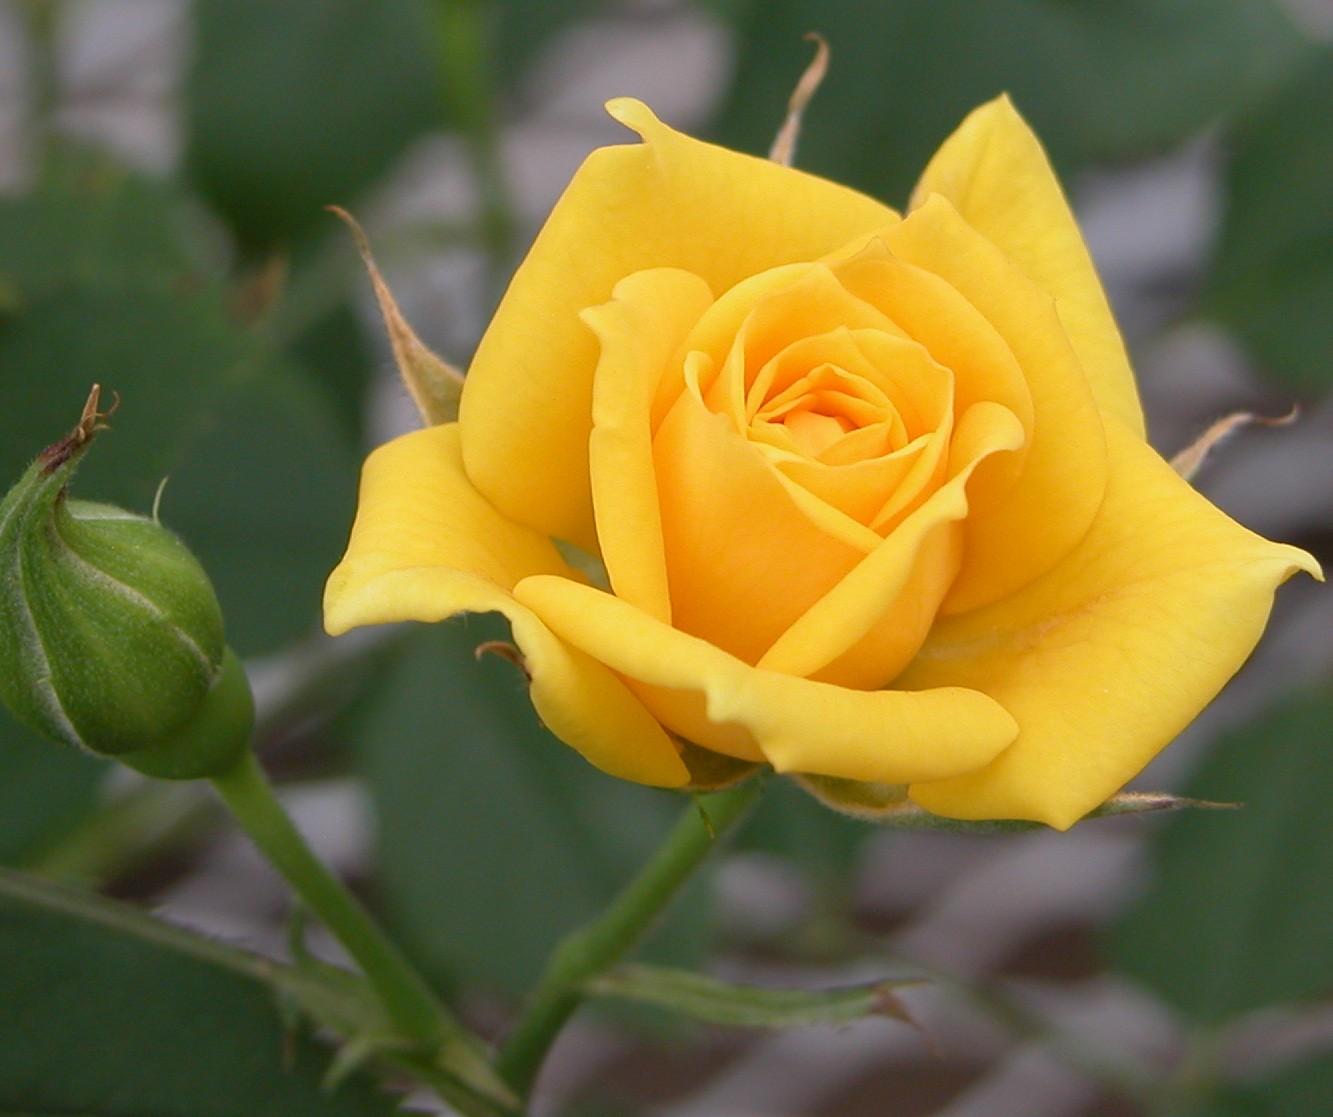 Hình bông hoa hồng vàng cực đẹp